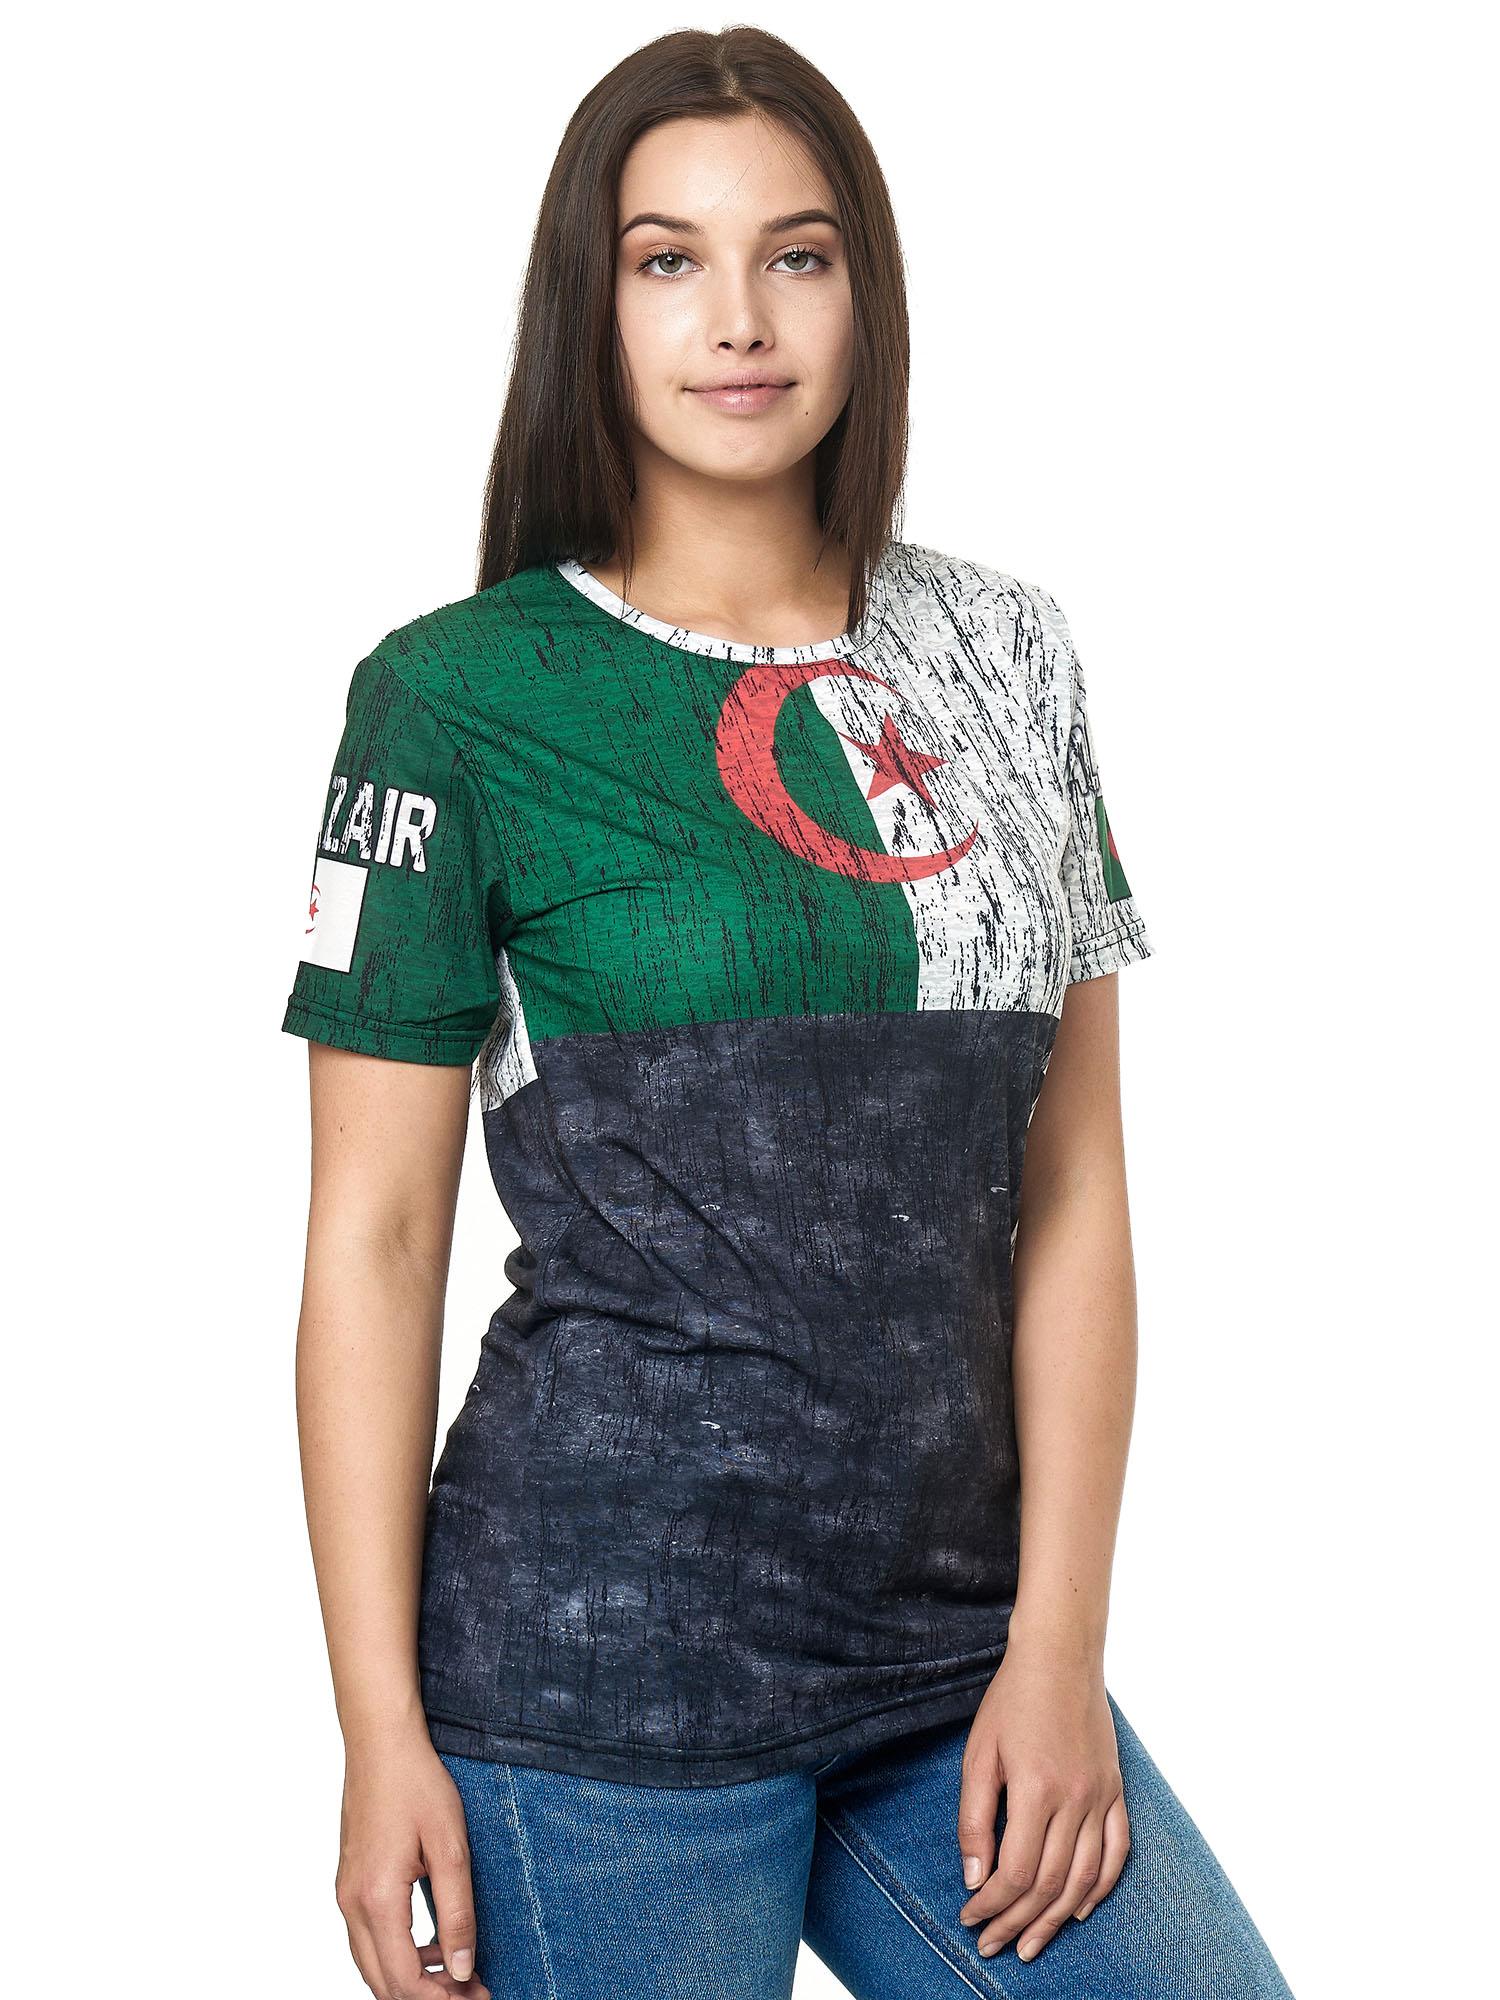 Paesi-da-Donna-T-shirt-A-Maniche-Corte-Girocollo-donne-CALCIO-Fanshirt-John-Kayna miniatura 34